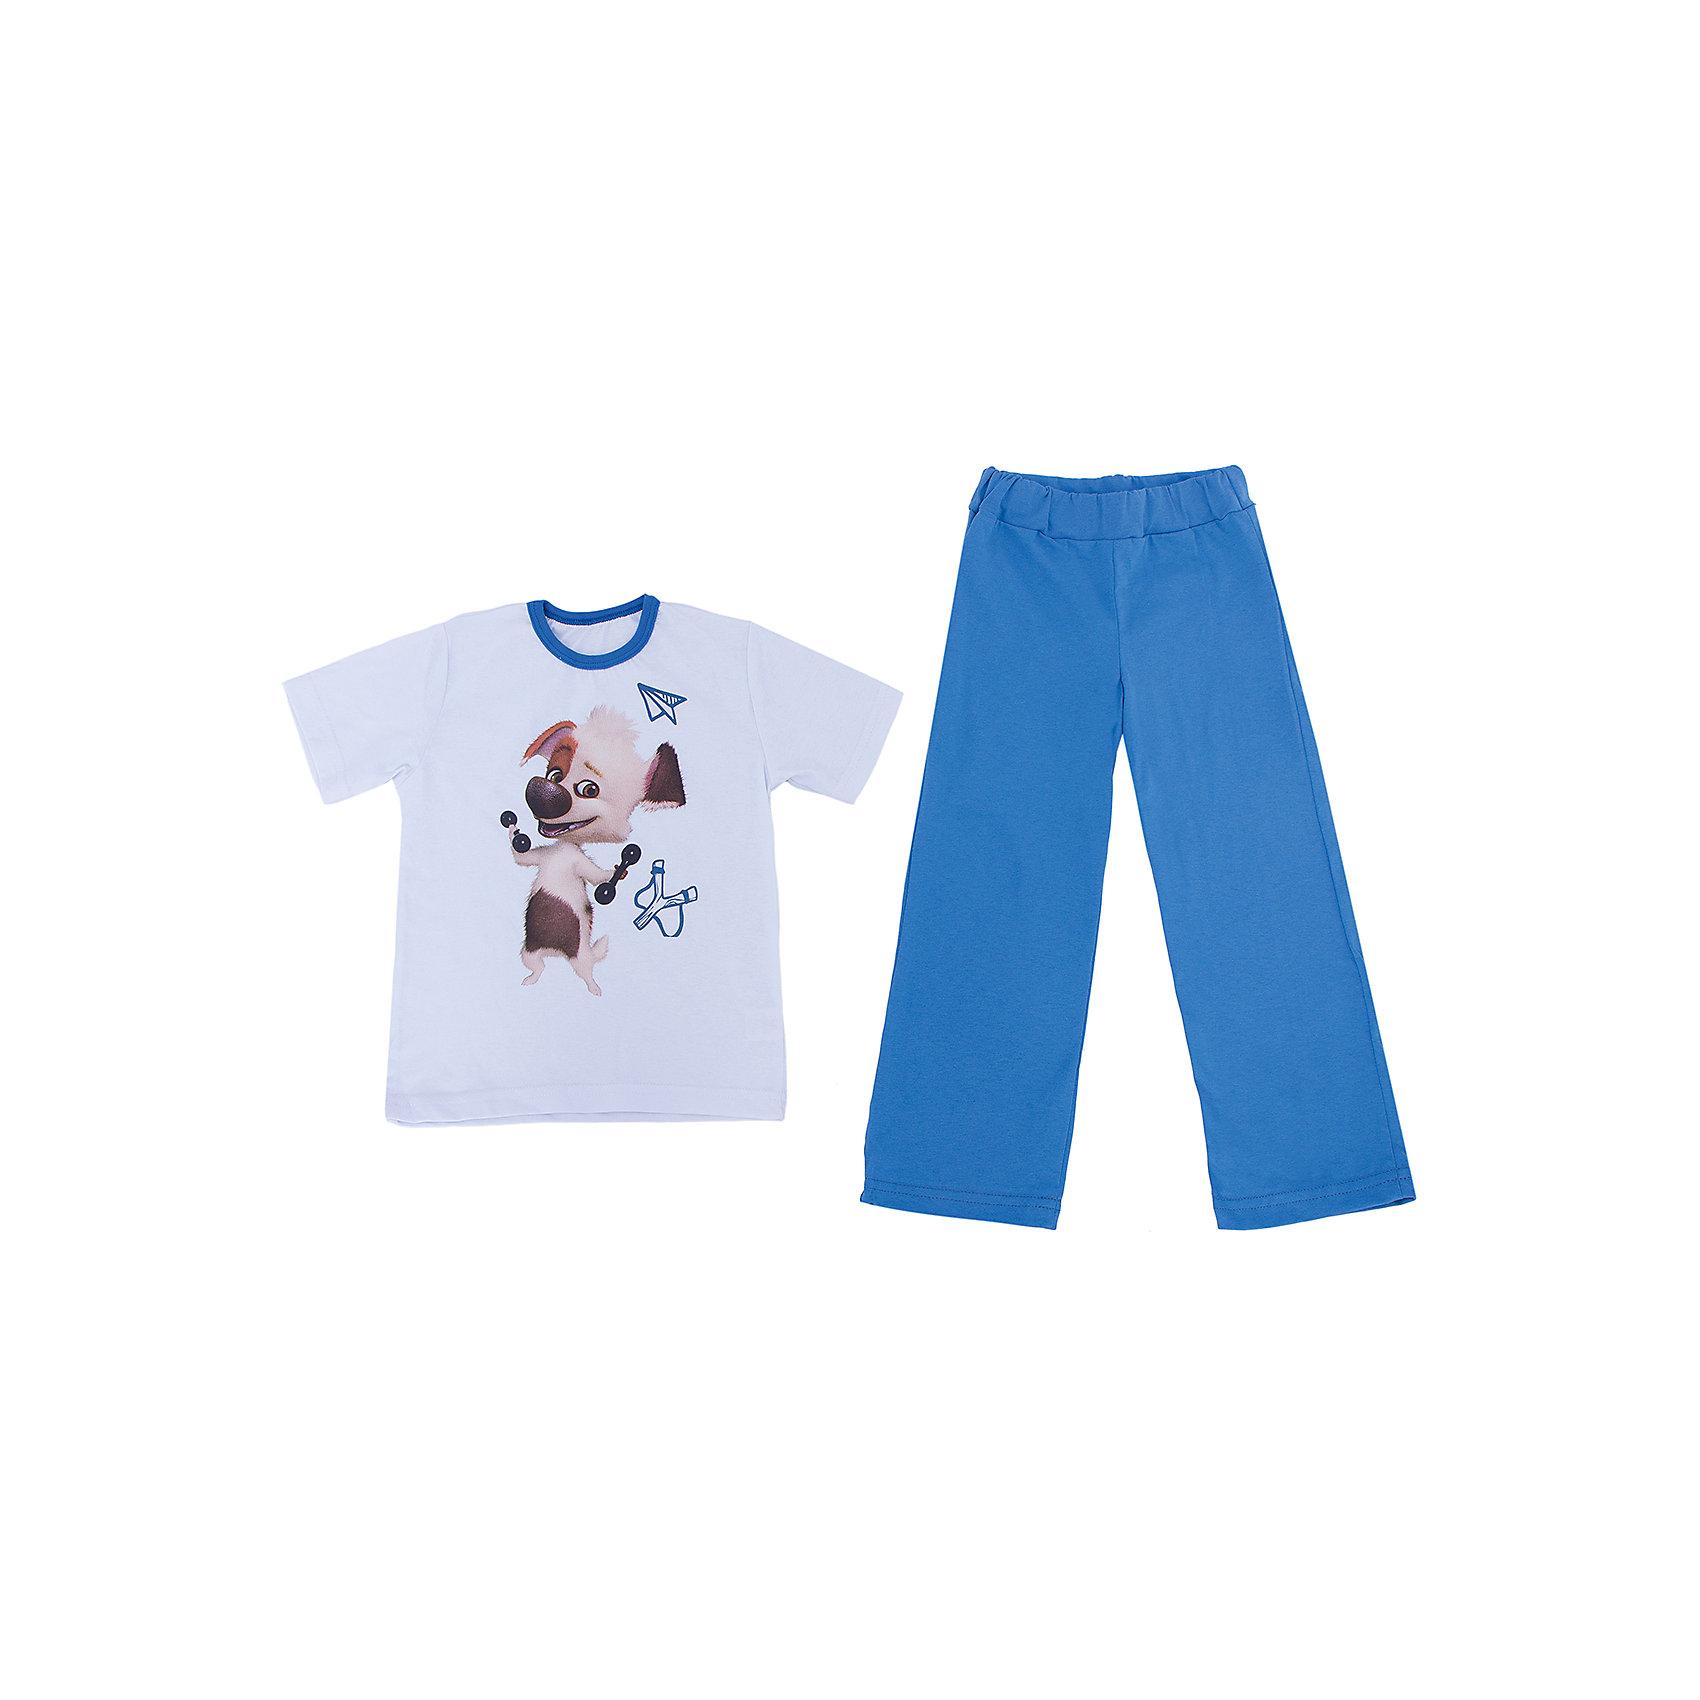 Пижама KotMarKot для мальчикаПижамы и сорочки<br>Пижама с изображением героя из мультсериала Озорная семейка, ткань кулирка. 100% хлопок<br><br>Ширина мм: 281<br>Глубина мм: 70<br>Высота мм: 188<br>Вес г: 295<br>Цвет: синий<br>Возраст от месяцев: 36<br>Возраст до месяцев: 48<br>Пол: Мужской<br>Возраст: Детский<br>Размер: 104,122,92,98,110,116<br>SKU: 4725108